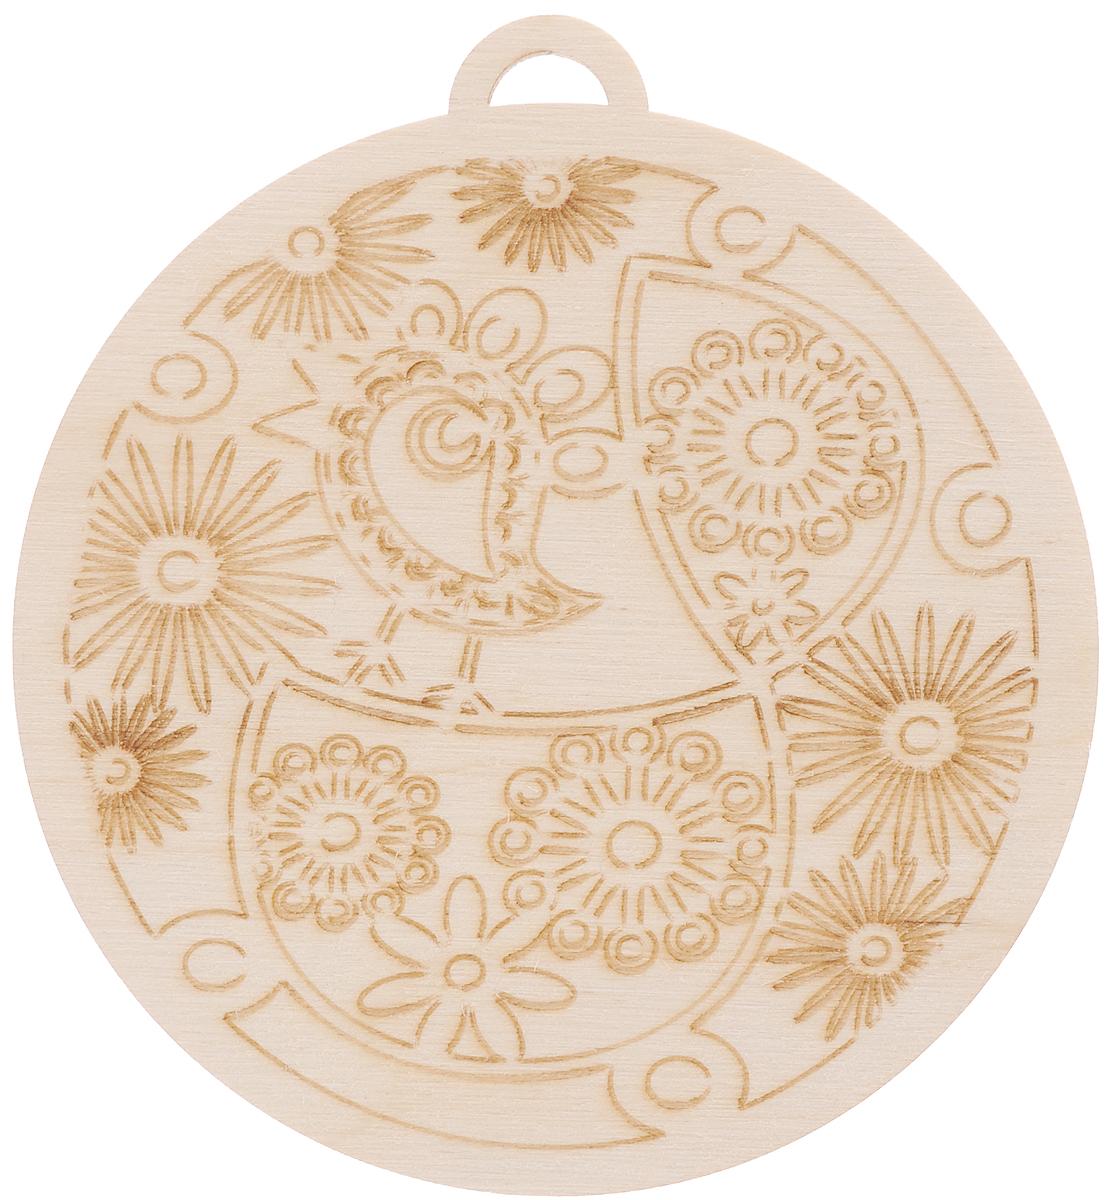 Заготовка деревянная Buratini Подвеска. Весенние напевы, диаметр 9,2 смDZ10017_кругЗаготовка Buratini Подвеска. Весенние напевы изготовлена из самого легкого материала для работы - фанеры. В ней прекрасно сочетаются пластичность форм, линий и художественная выразительность. Благодаря таким качествам заготовки, вы можете реализовать свои самые смелые творческие фантазии: оформить ее в технике декупаж, расписать красками, украсить мозаикой, пайетками, лентами или бисером.